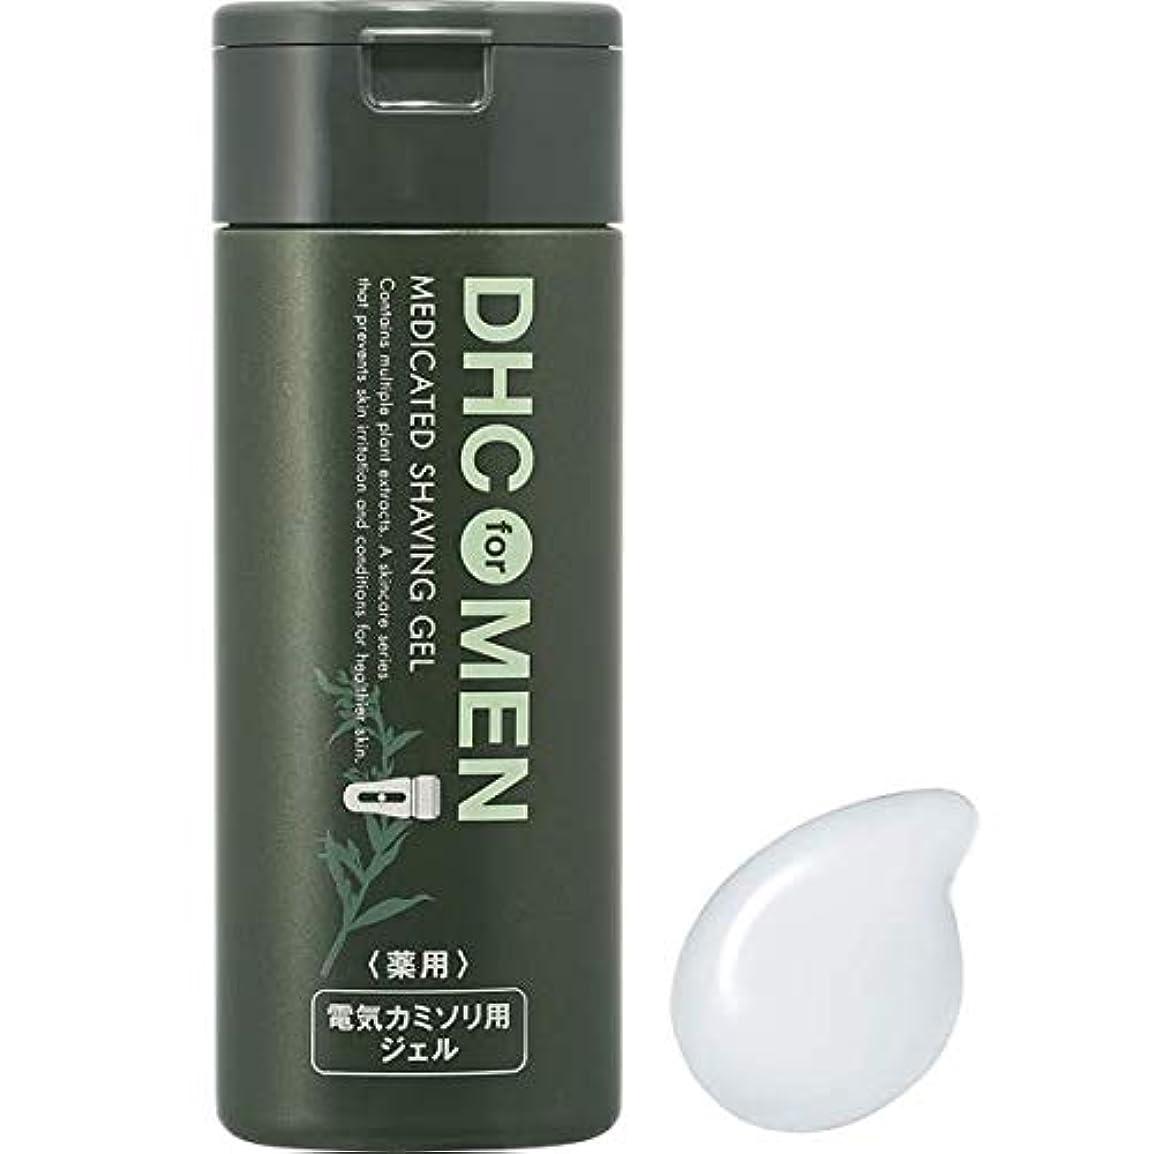 広いファンボルトDHC for MEN 薬用 シェービング ジェル(電気カミソリ用ジェル)